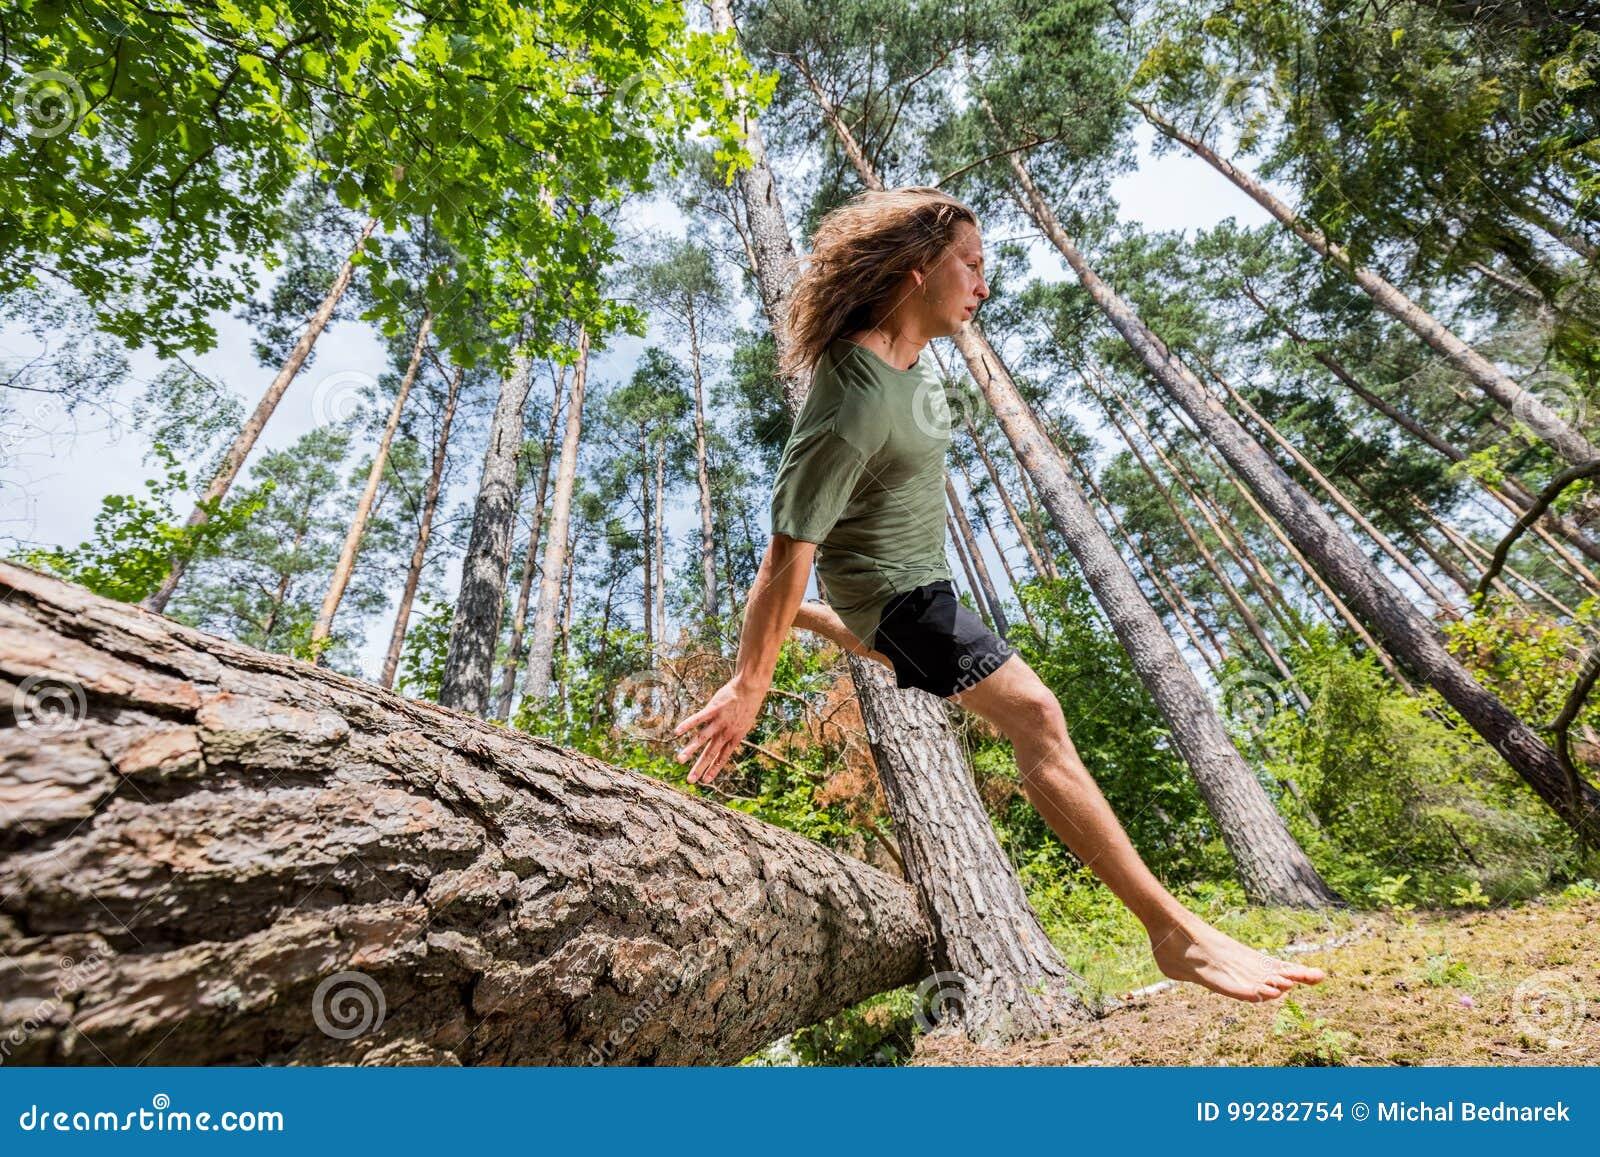 Młody człowiek skacze nad drzewnym bagażnikiem w lesie